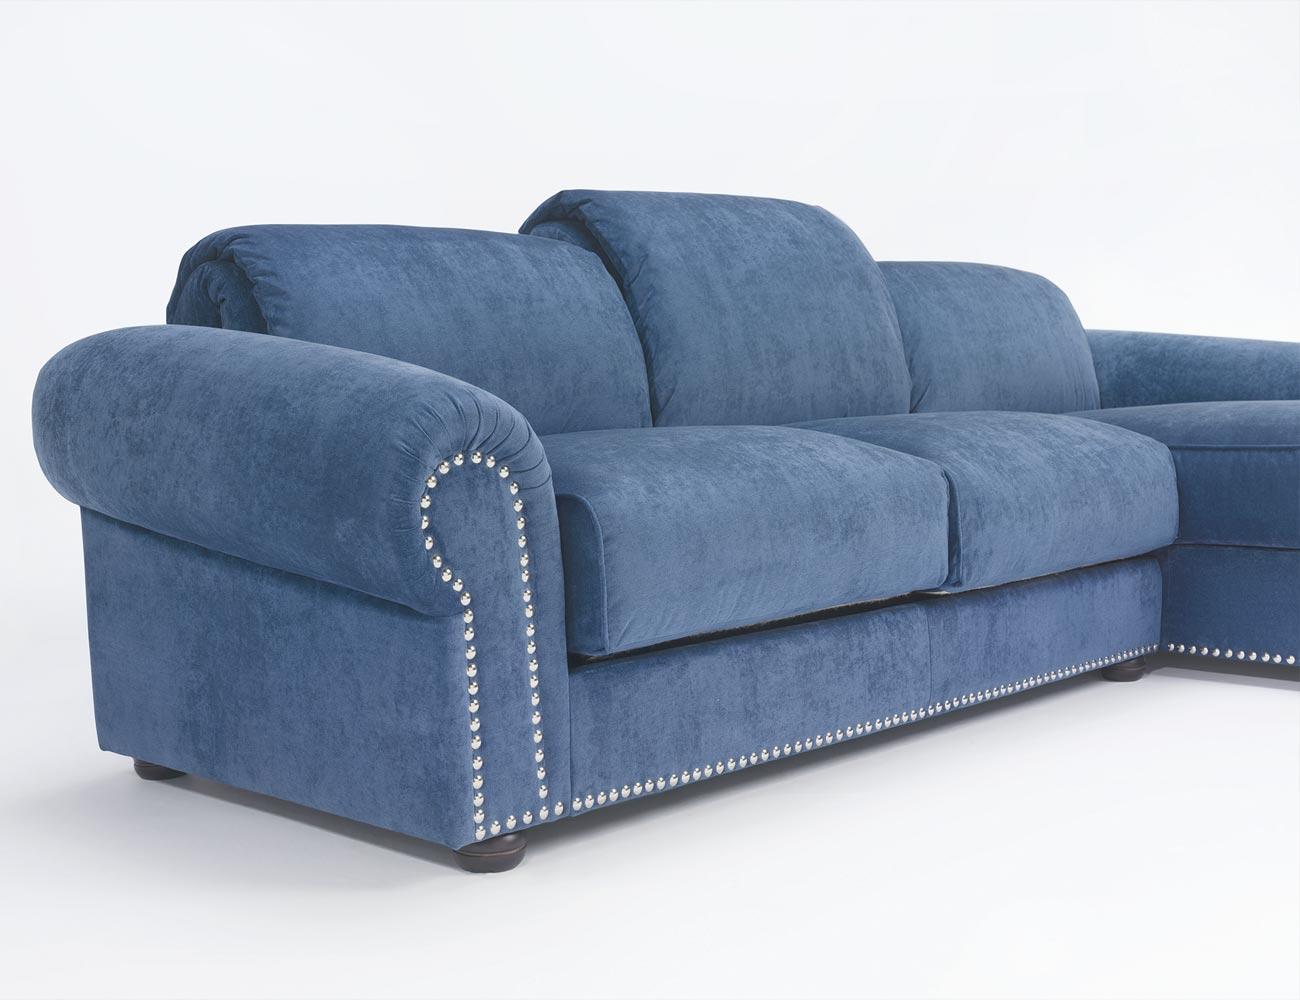 Sofa chaiselongue gran lujo decorativo azul 19